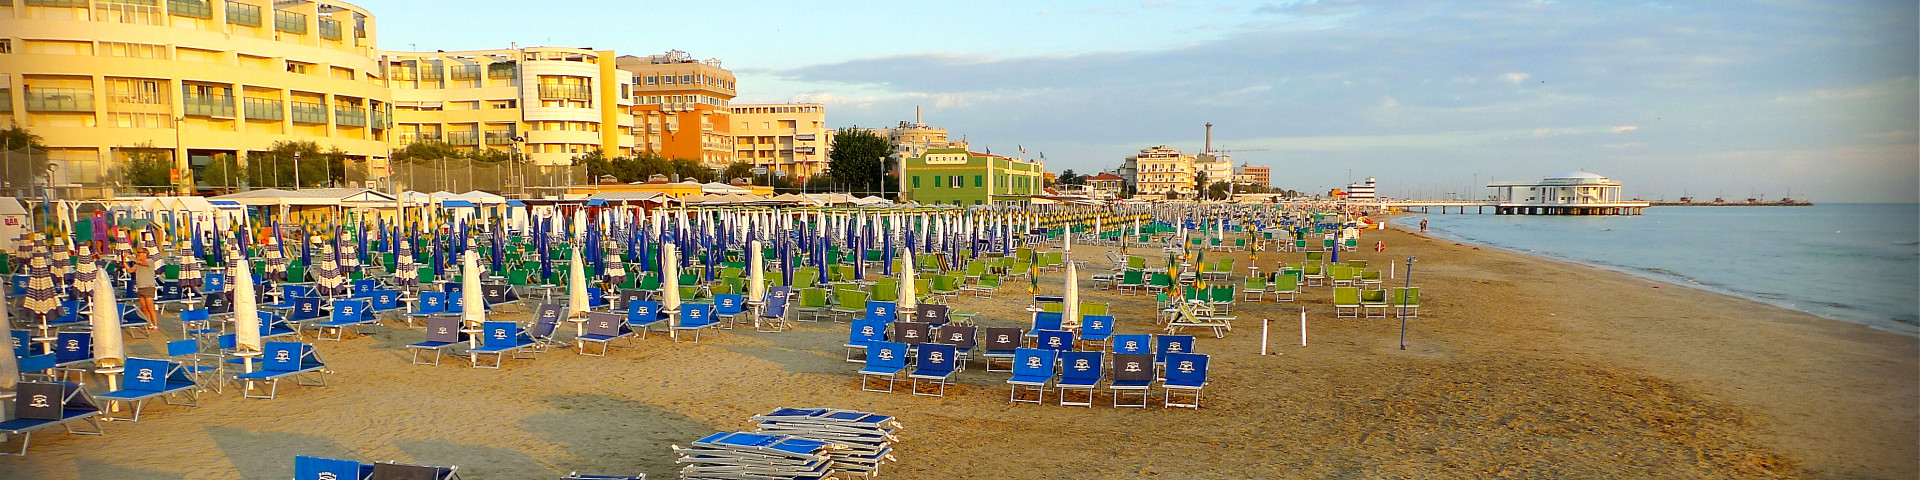 Senigallia, vyhlášené molo na pláži